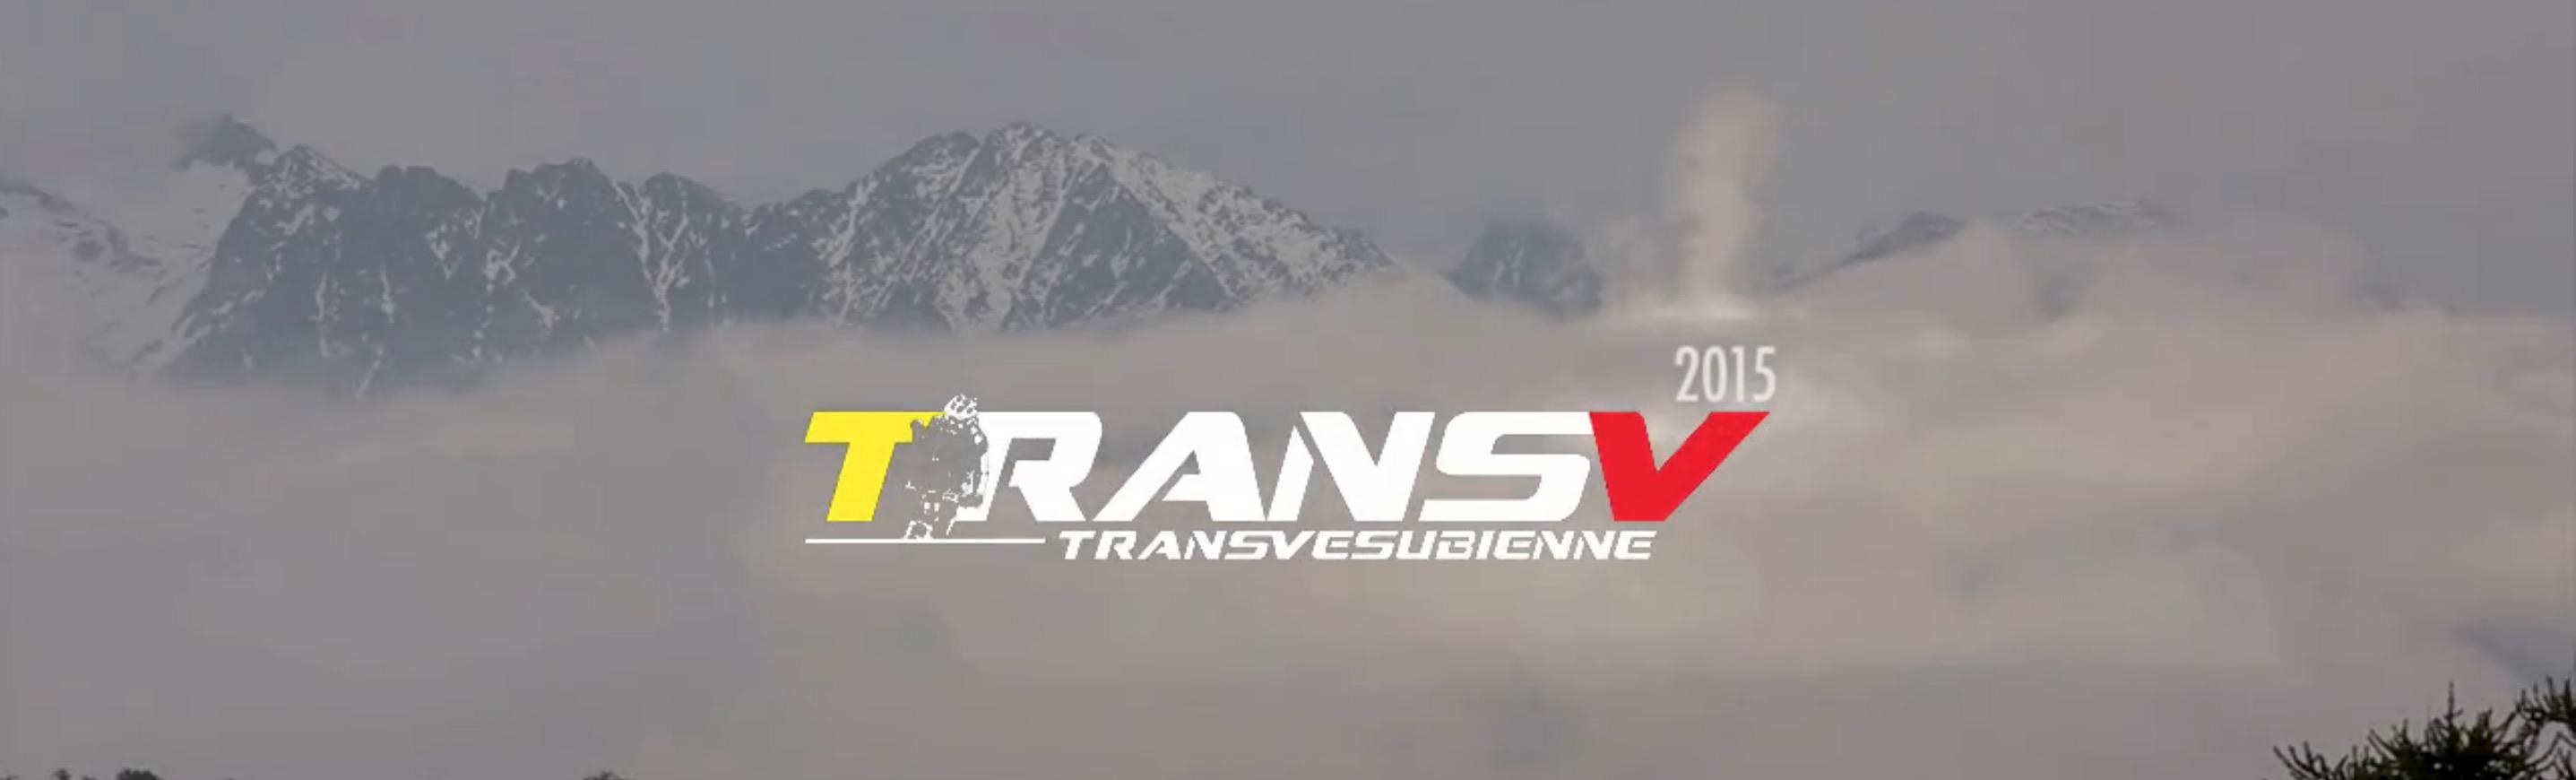 Vidéo / Le film de la Transvésubienne 2015